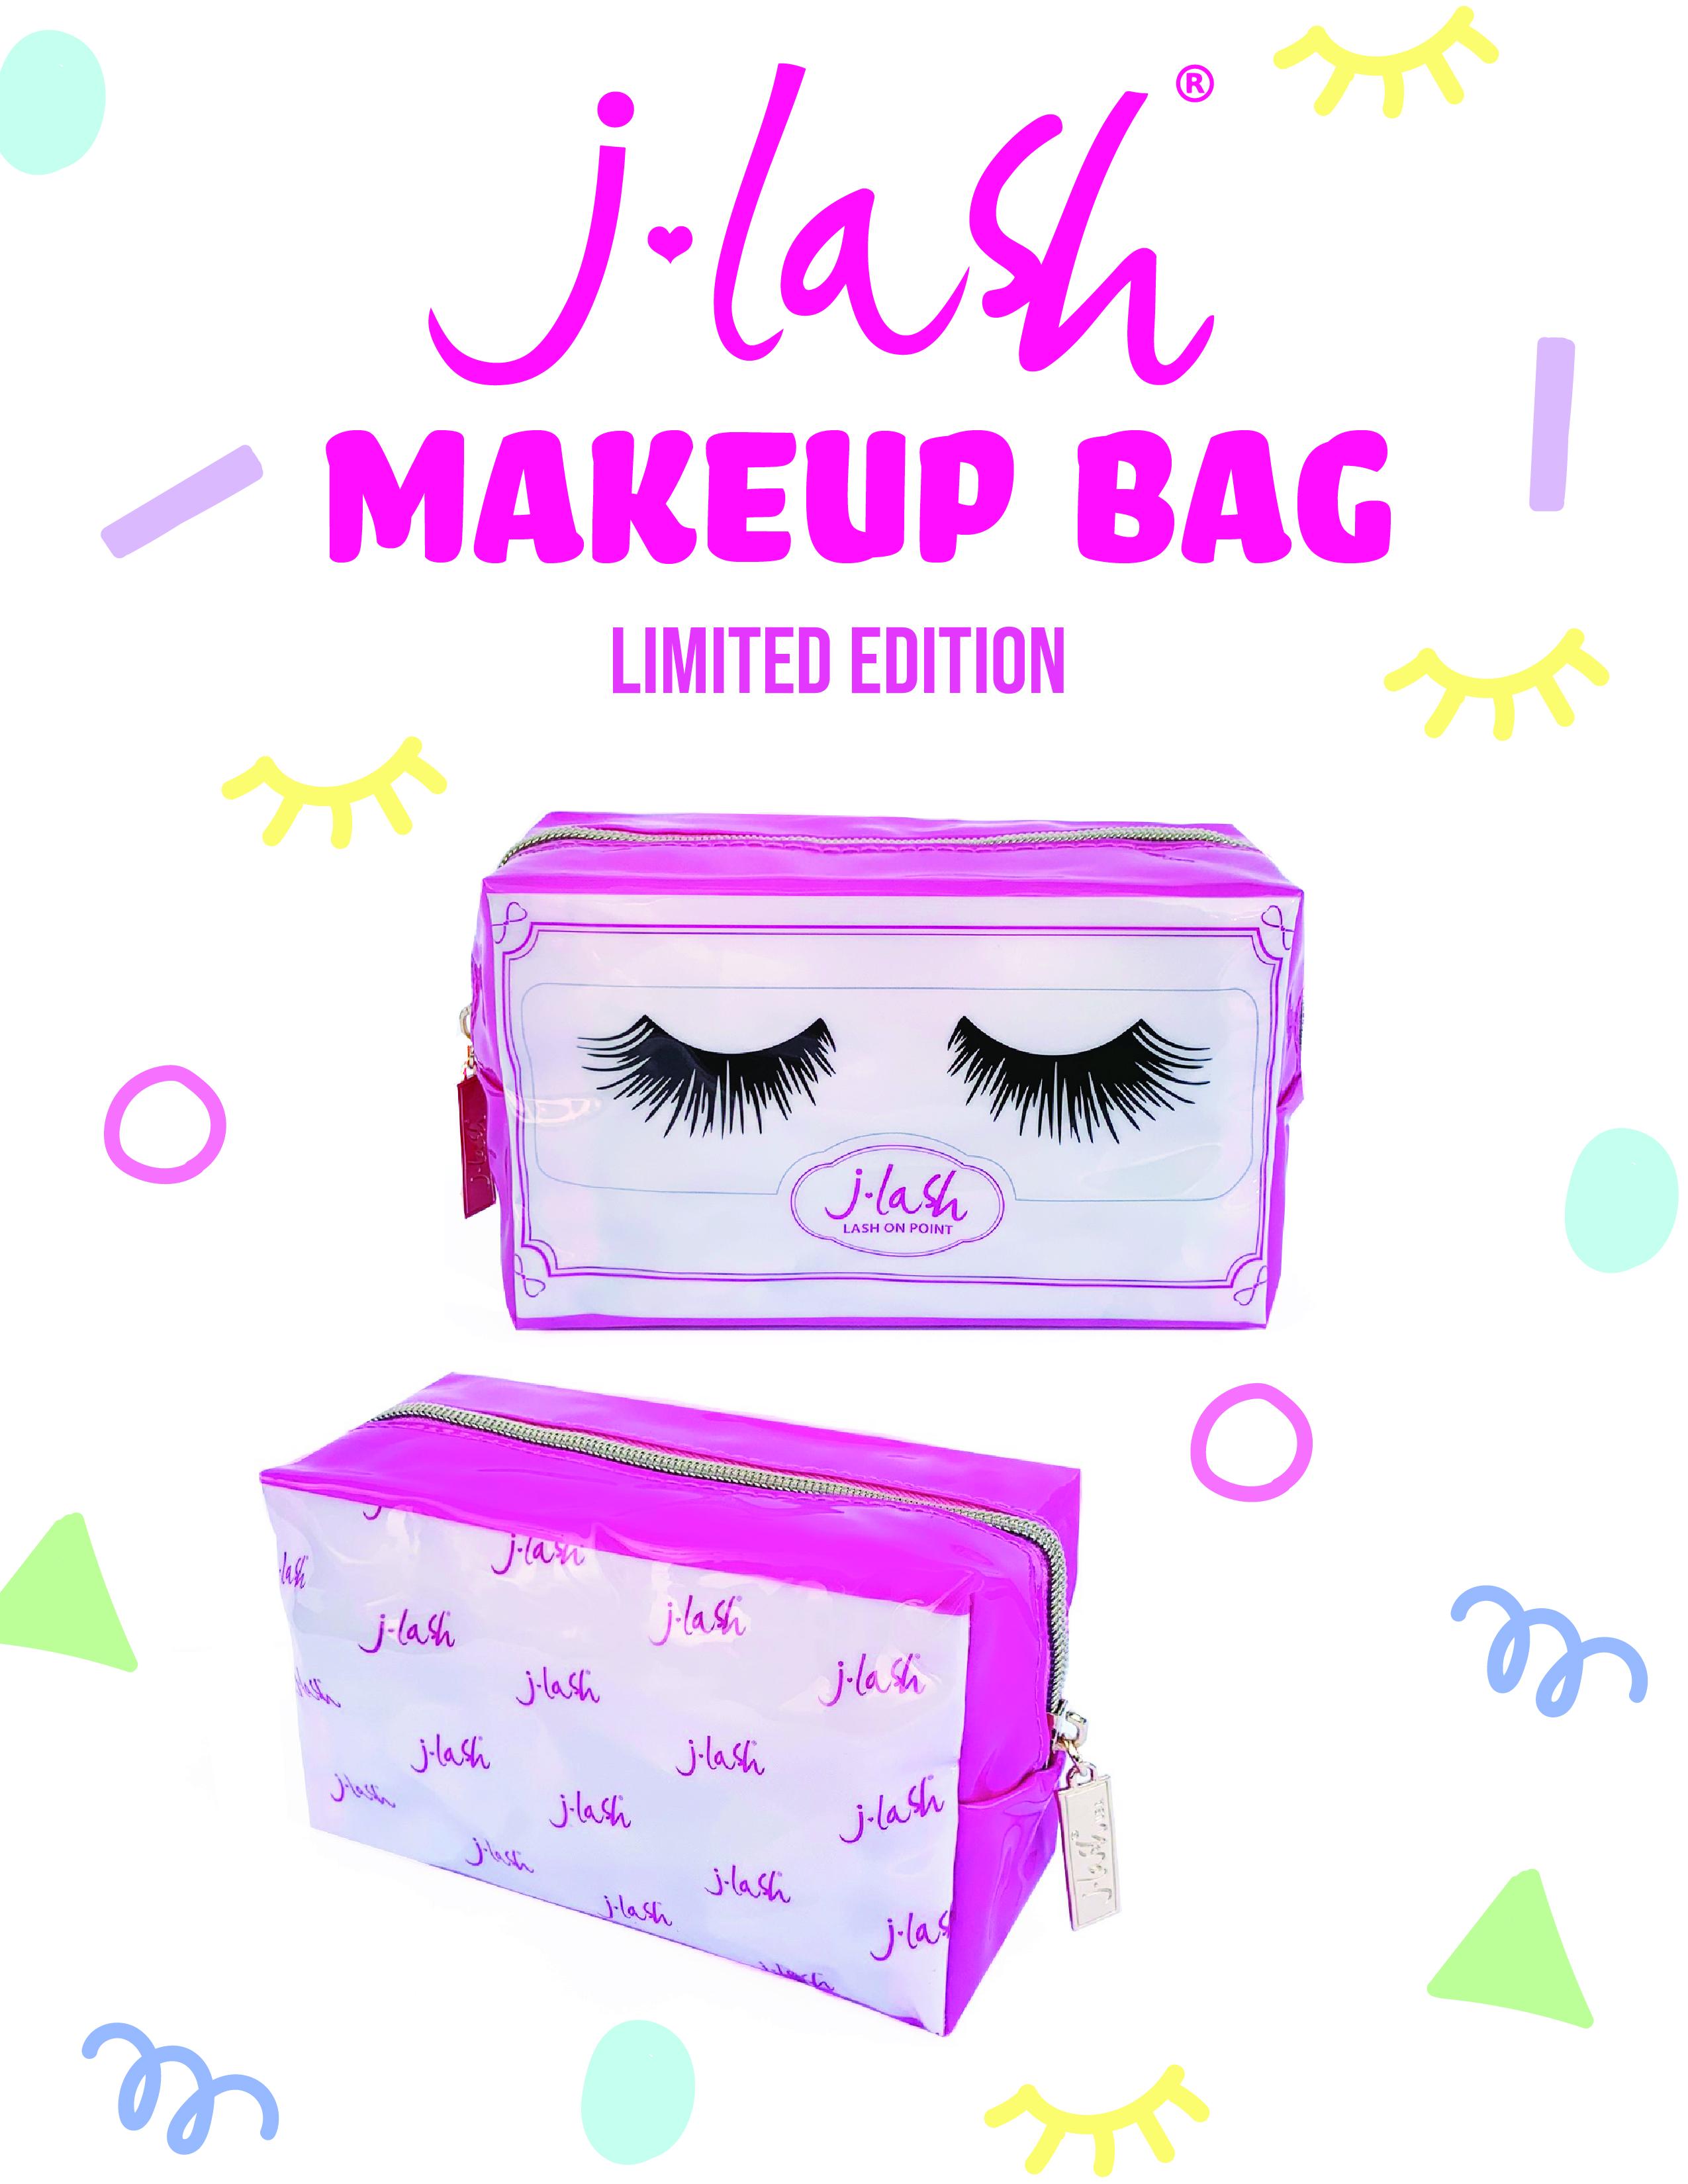 jlash-makeup-bag-flyer-01.jpg